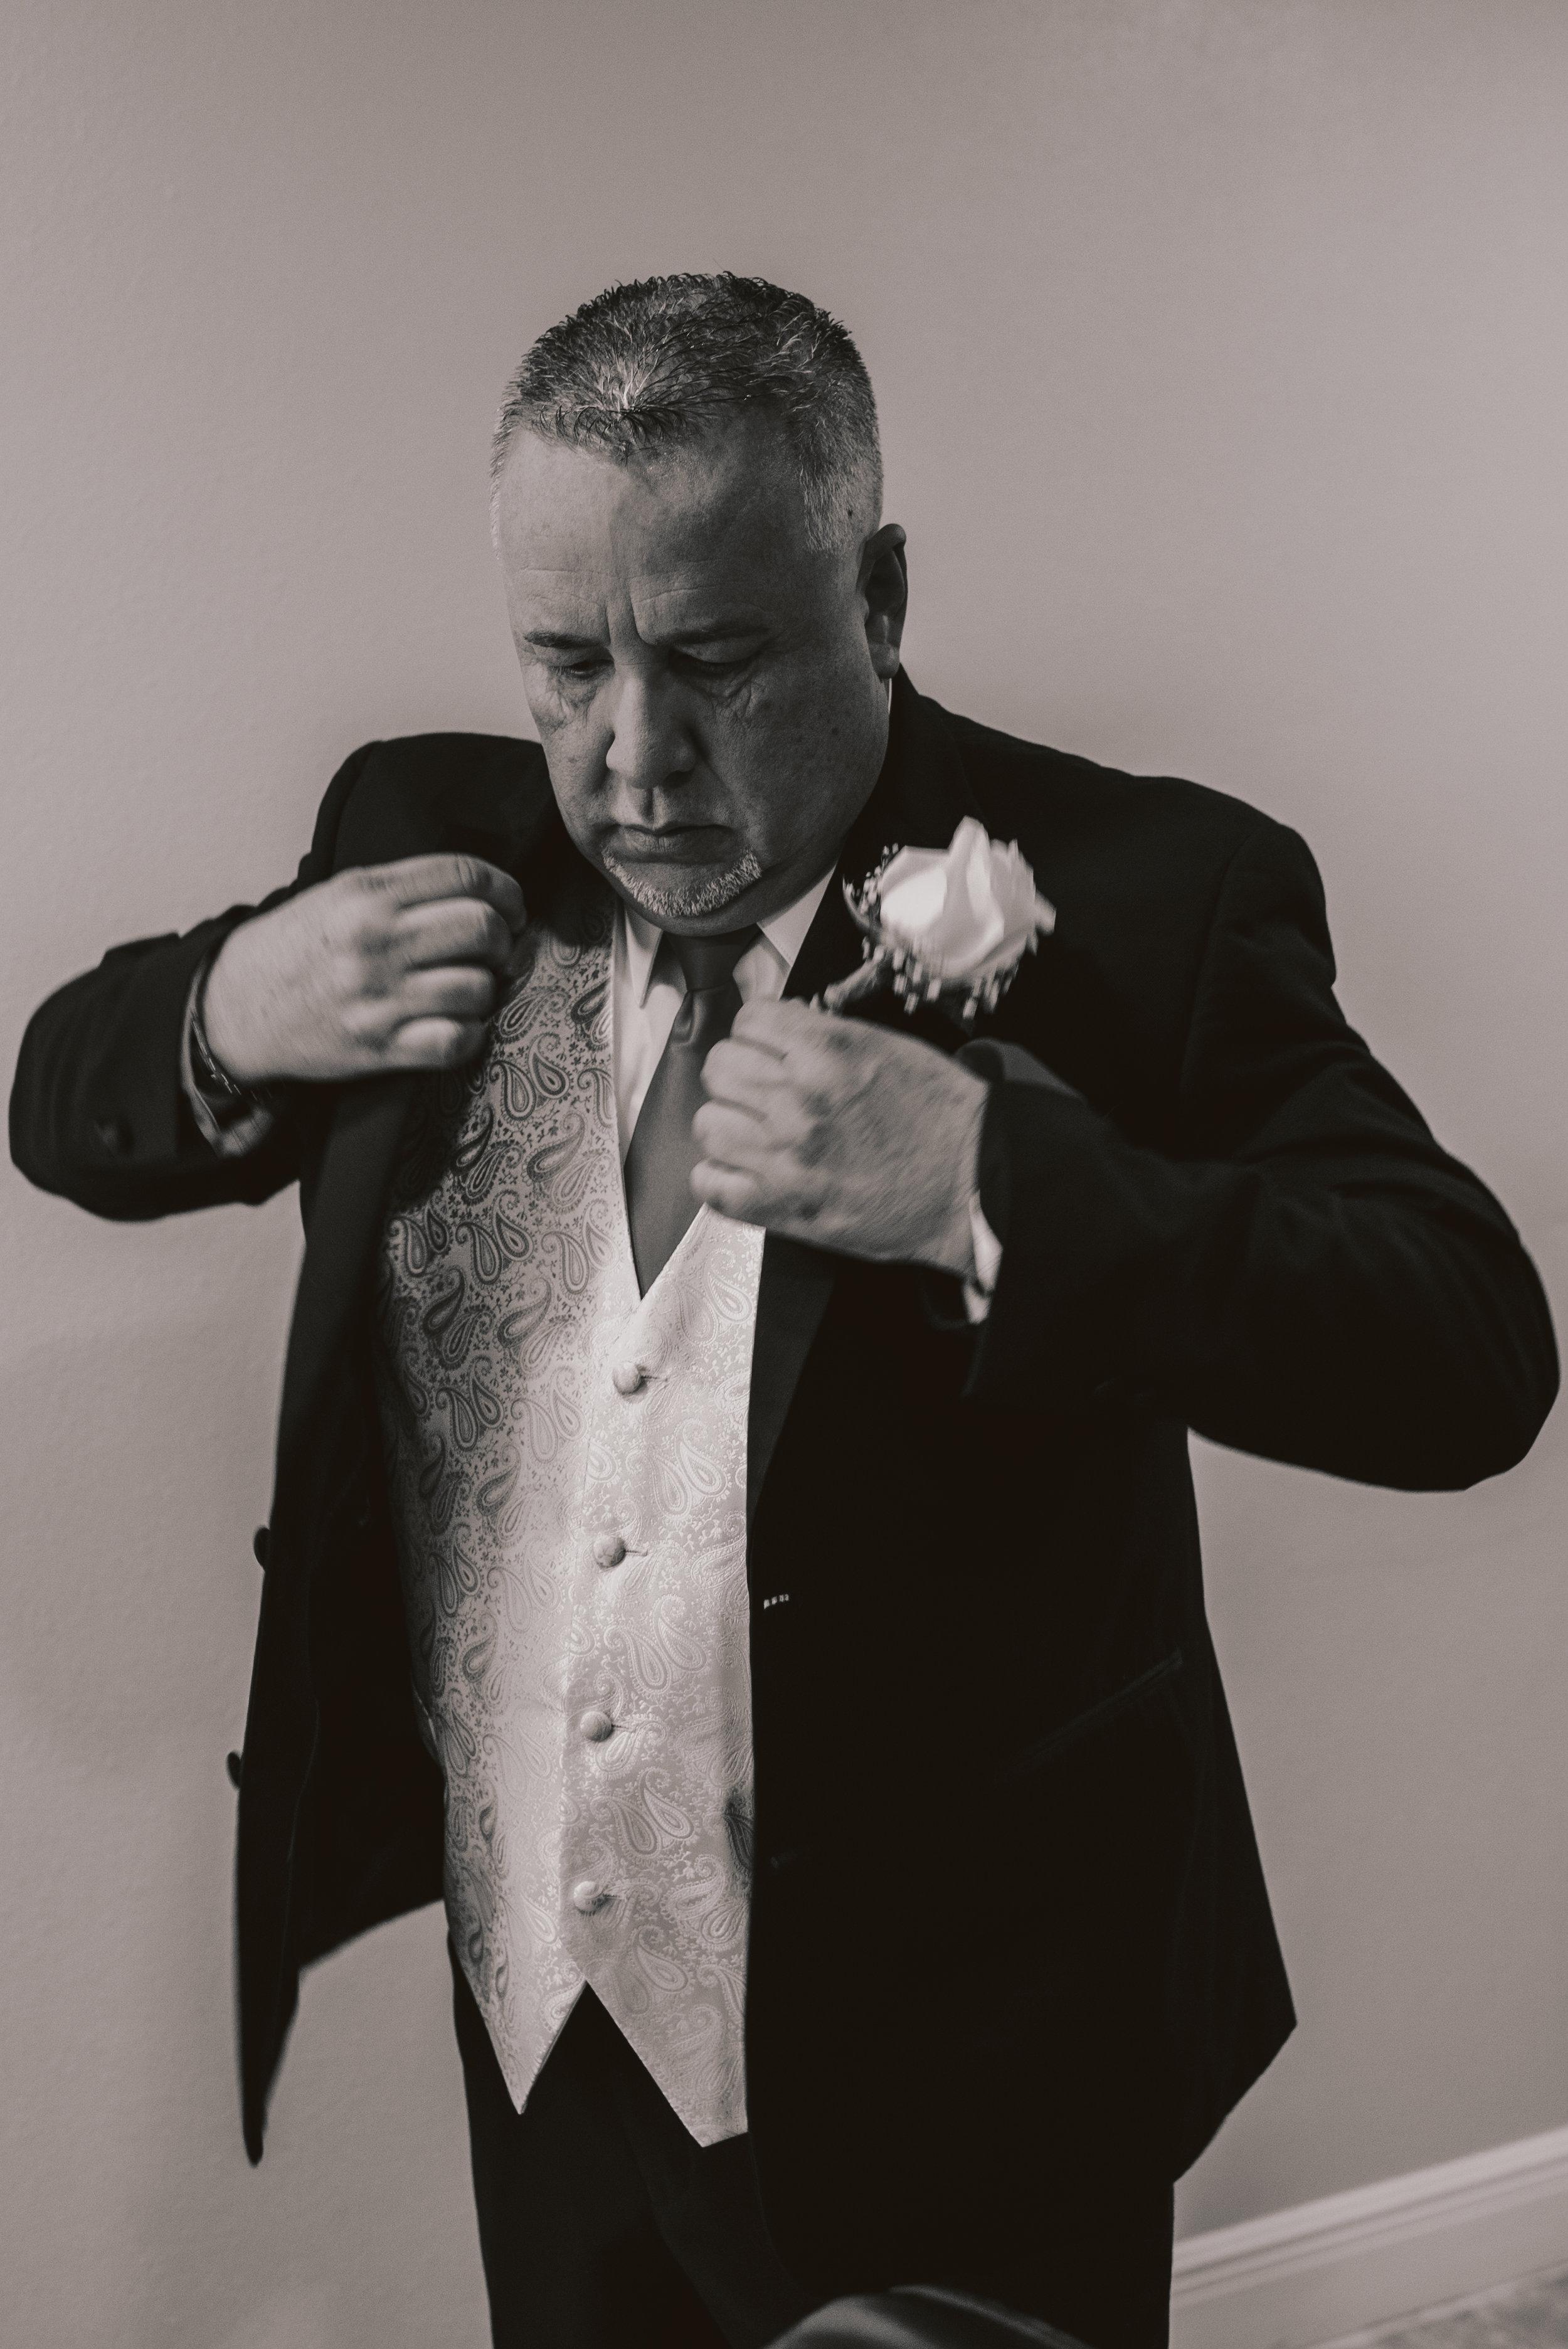 Los-Vargas-Photo-Wedding-Vow-Renewal-Central-Florida-52.jpg